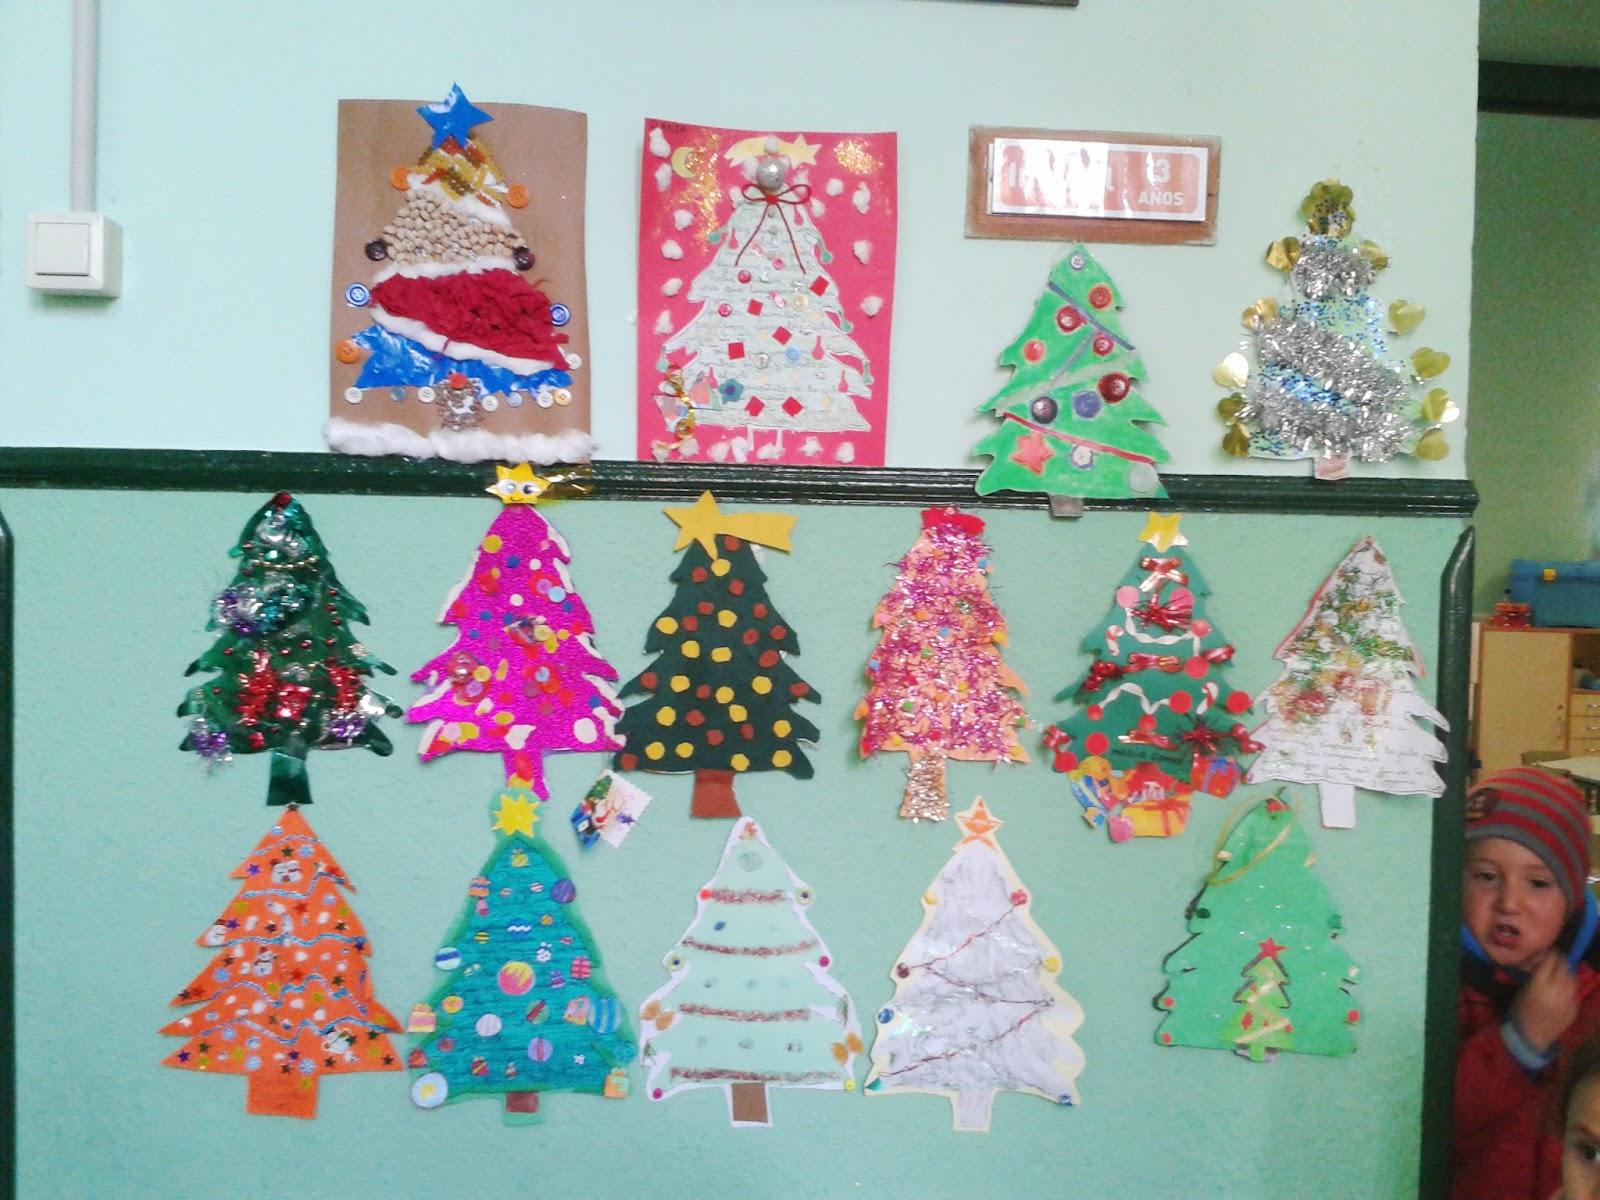 Los peques de feli rboles navide os - Mural navidad infantil ...